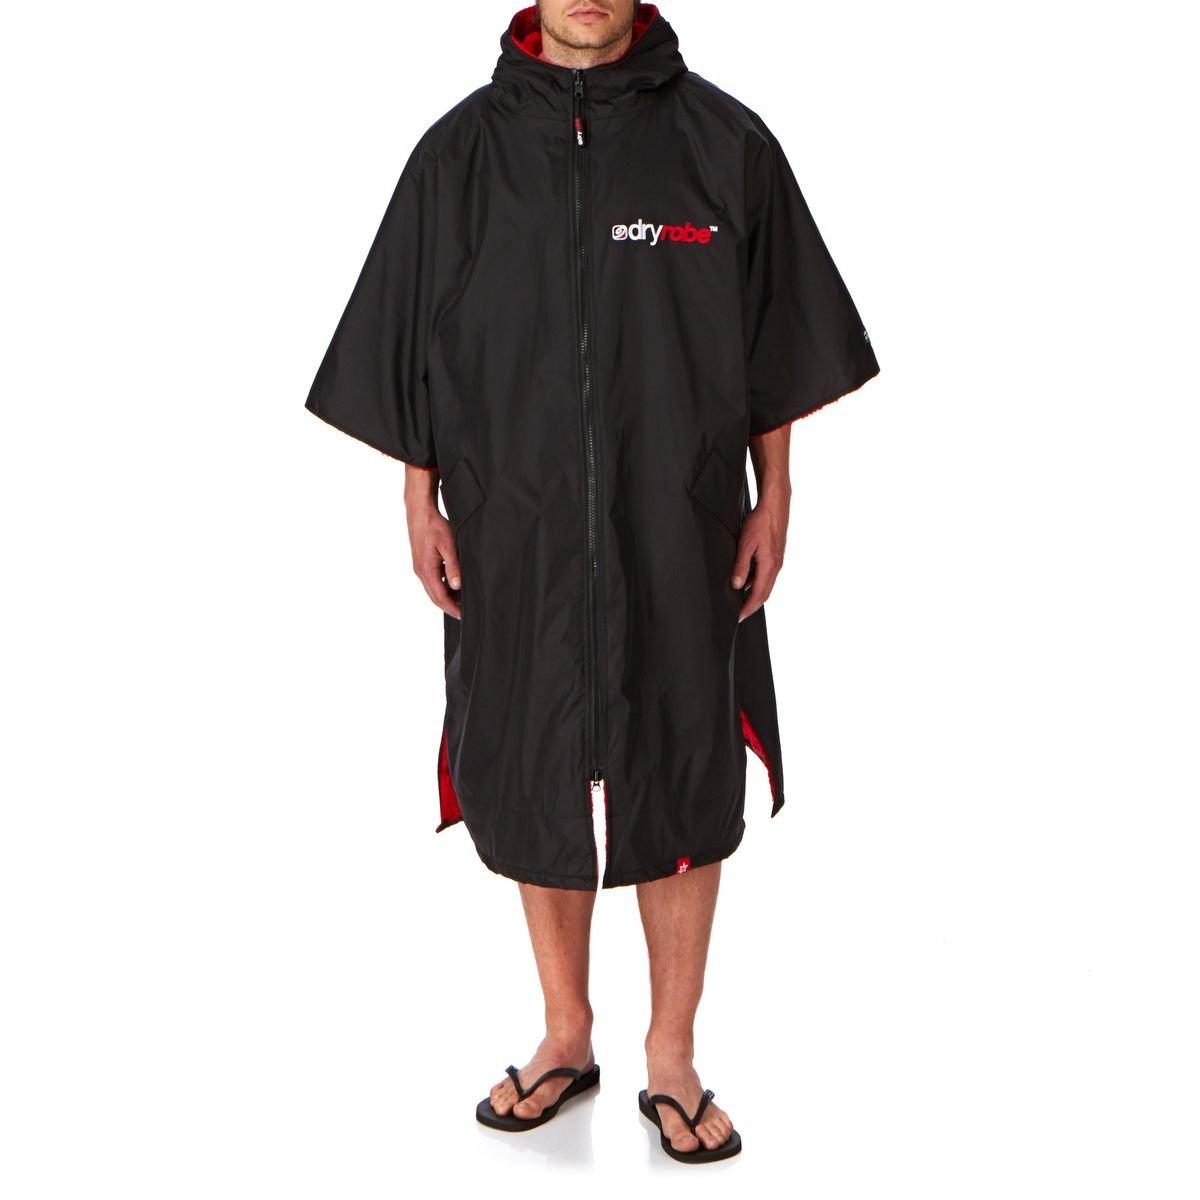 【まとめ買い】 DryRobe Advance大人用ローブ変更 – 変更半袖ポンチョ/Dryローブ – B00HZUFT5E DryRobe X-Large ブラック/レッド X-Large ブラック/レッド X-Large, バンビカフェ:c5995e0f --- egreensolutions.ca